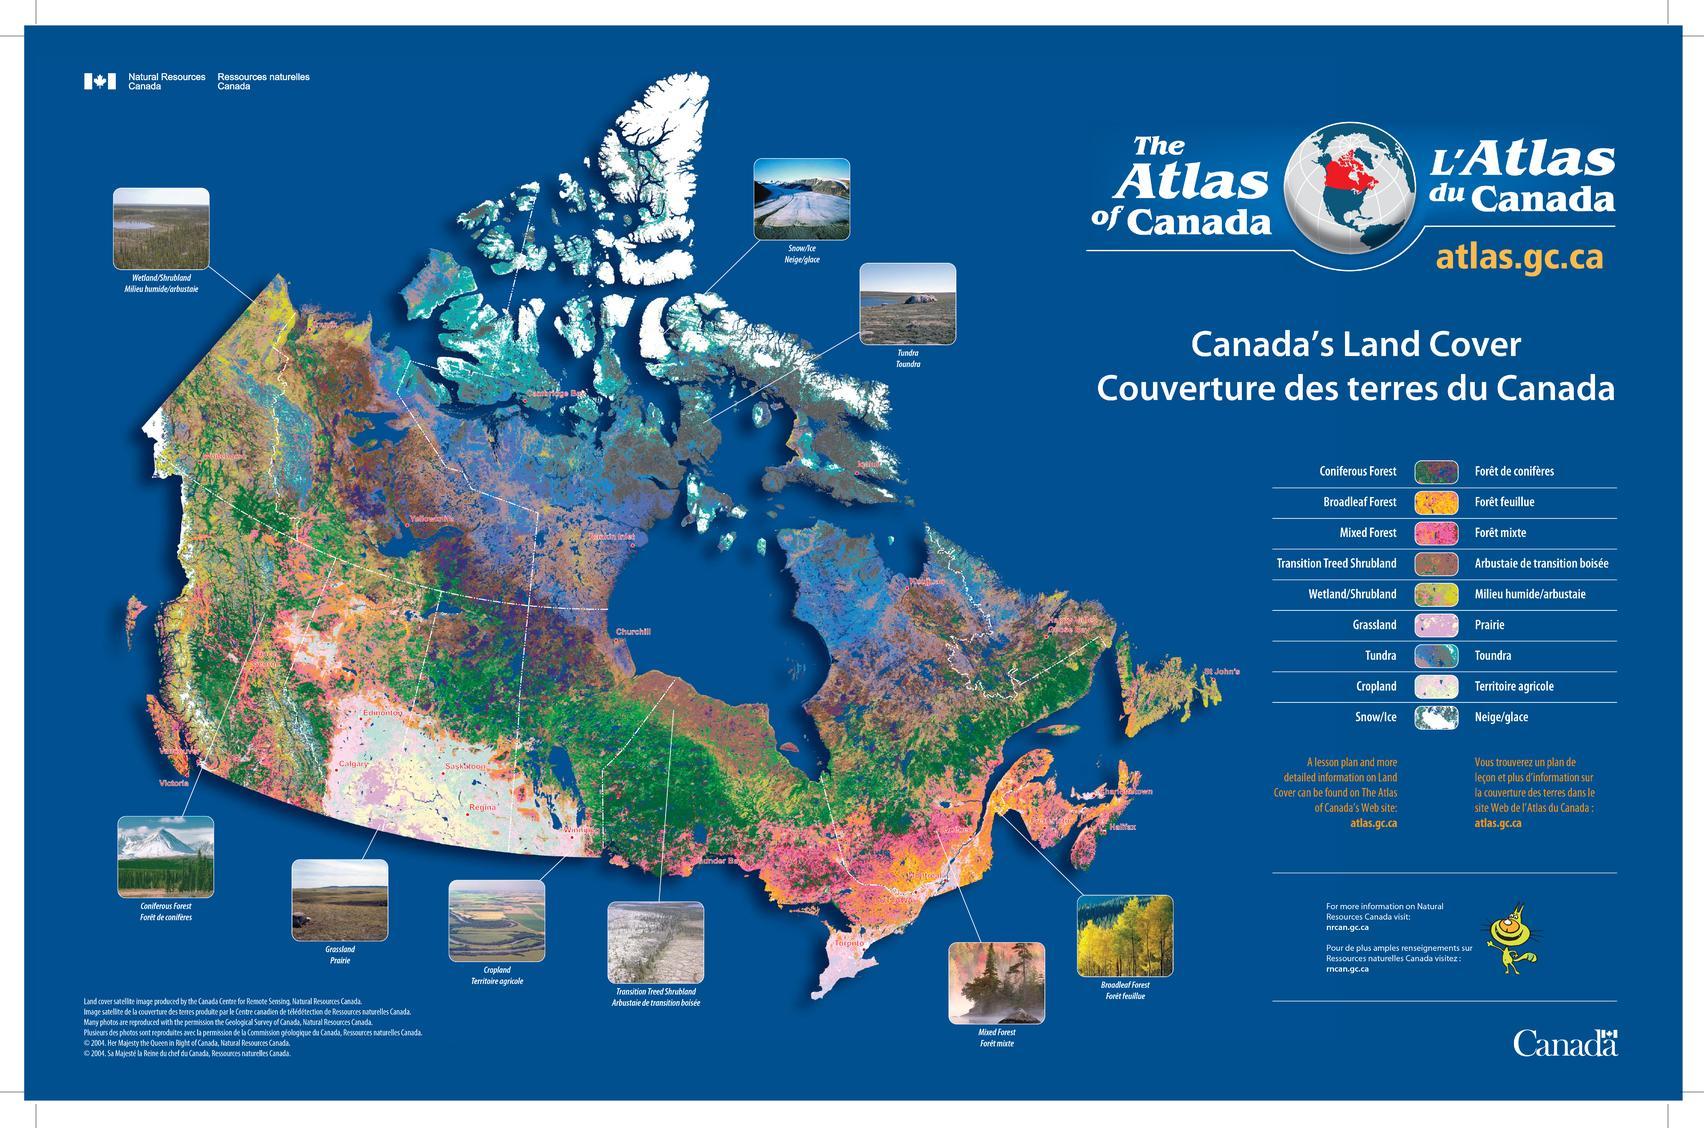 Canada's Land Cover / Couverture des terres du Canada